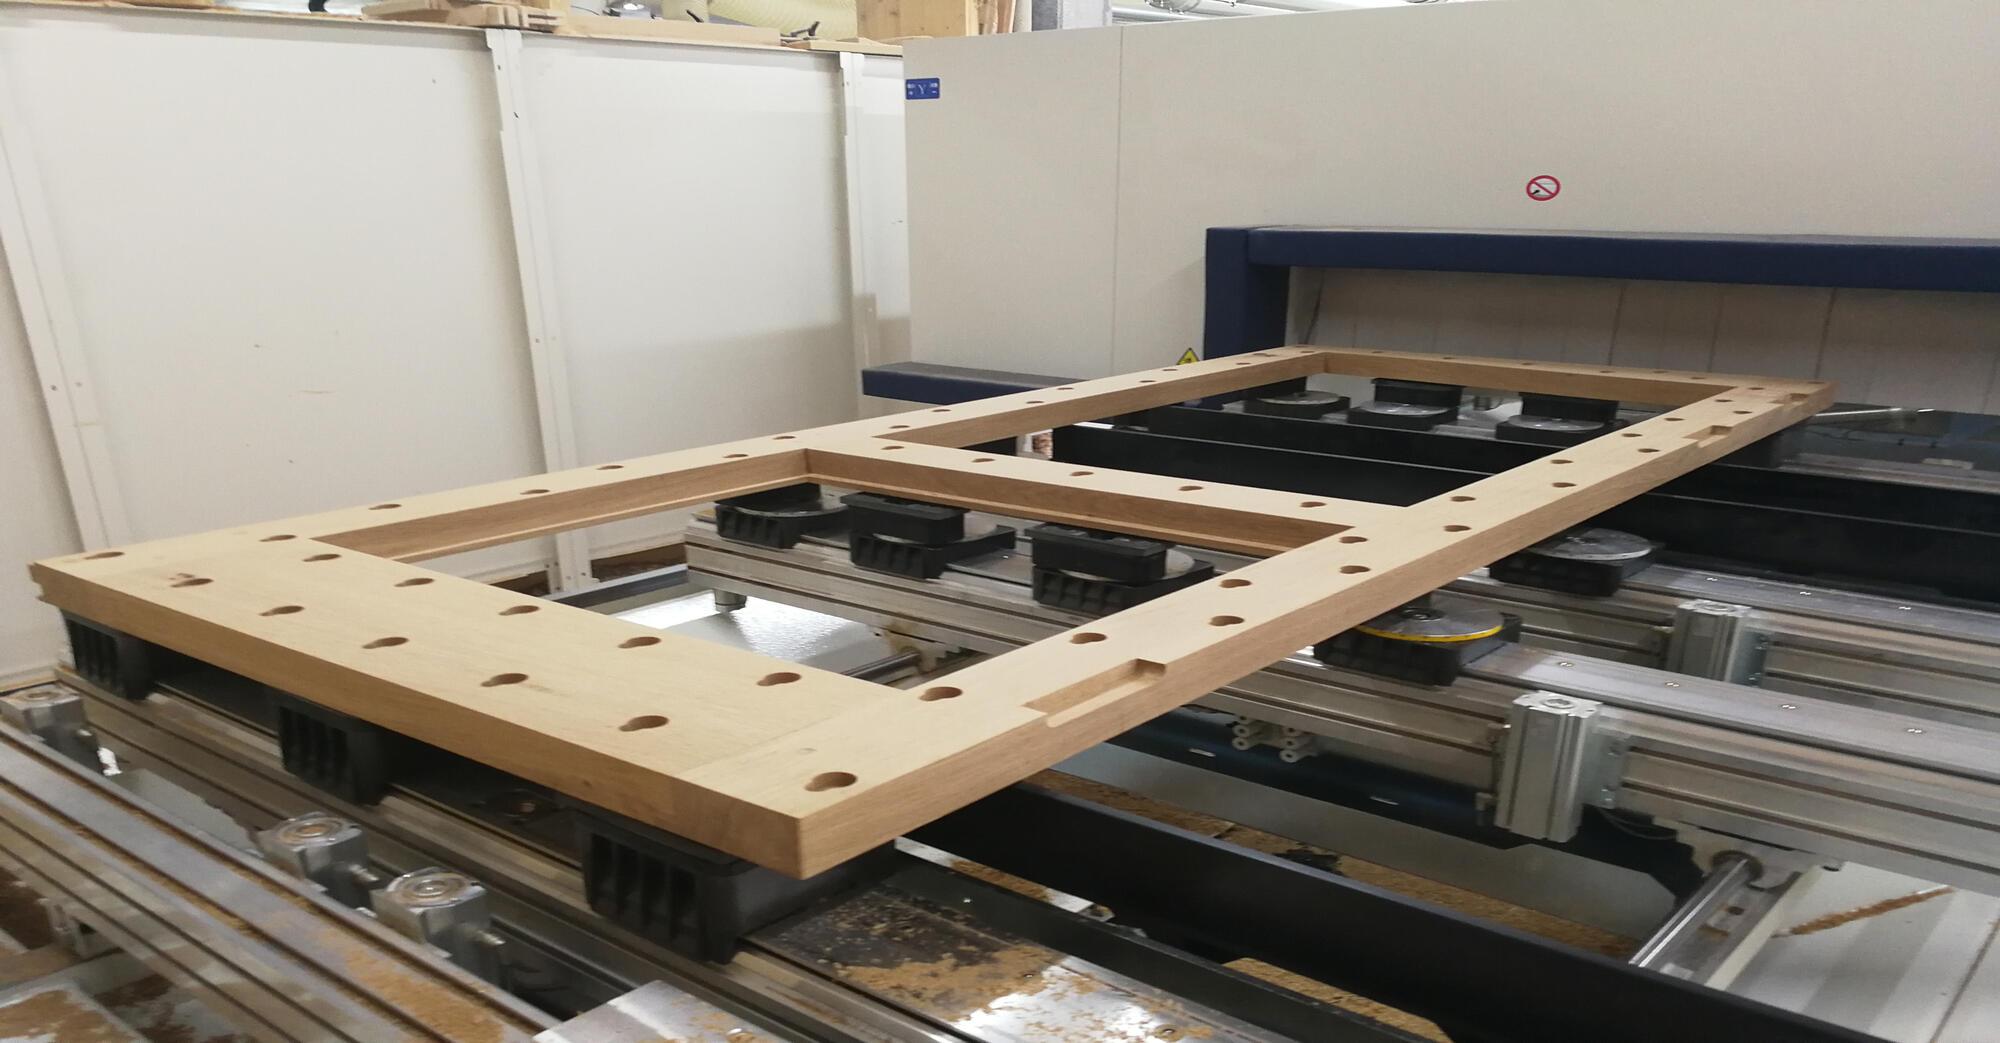 Die leimfreie Massivholztüre besteht im Kern aus einem massiven Rahmen für die Statik.  Die beiden Füllungen werden mit einem hochdämmenden Isolierglas gedämmt. Beidseitig wird die Türe mit einem Massivholzdoppel beplankt.